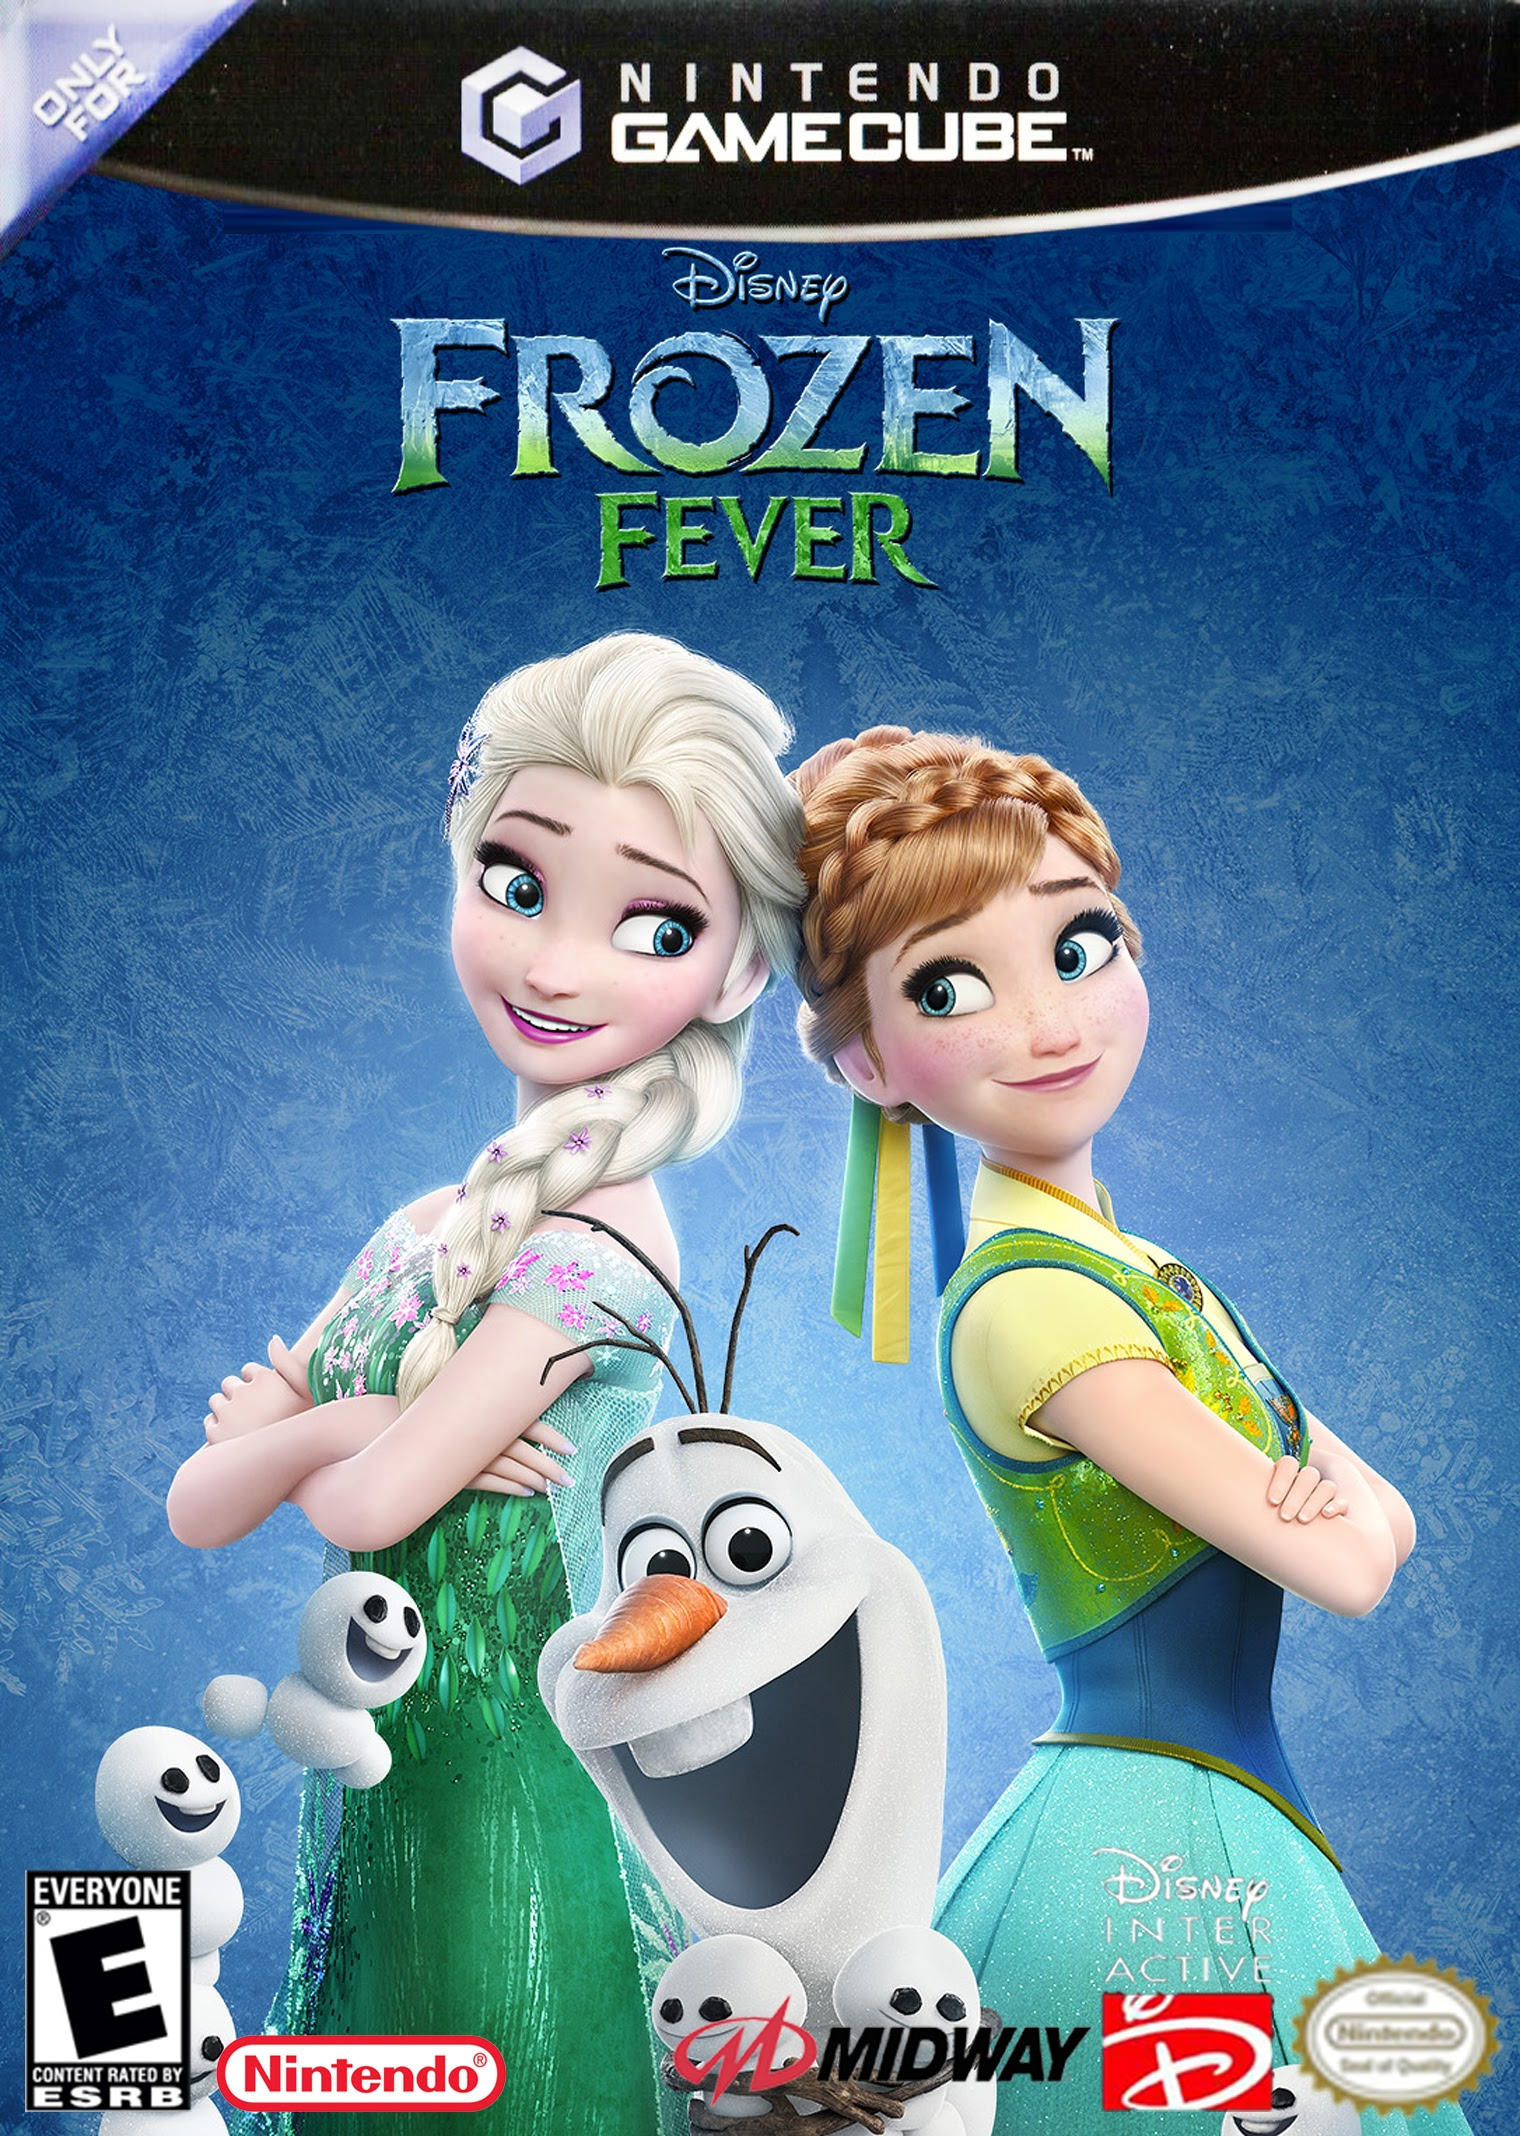 Walt Disney's Frozen Fever (2003) Only for Nintendo GameCube cover art